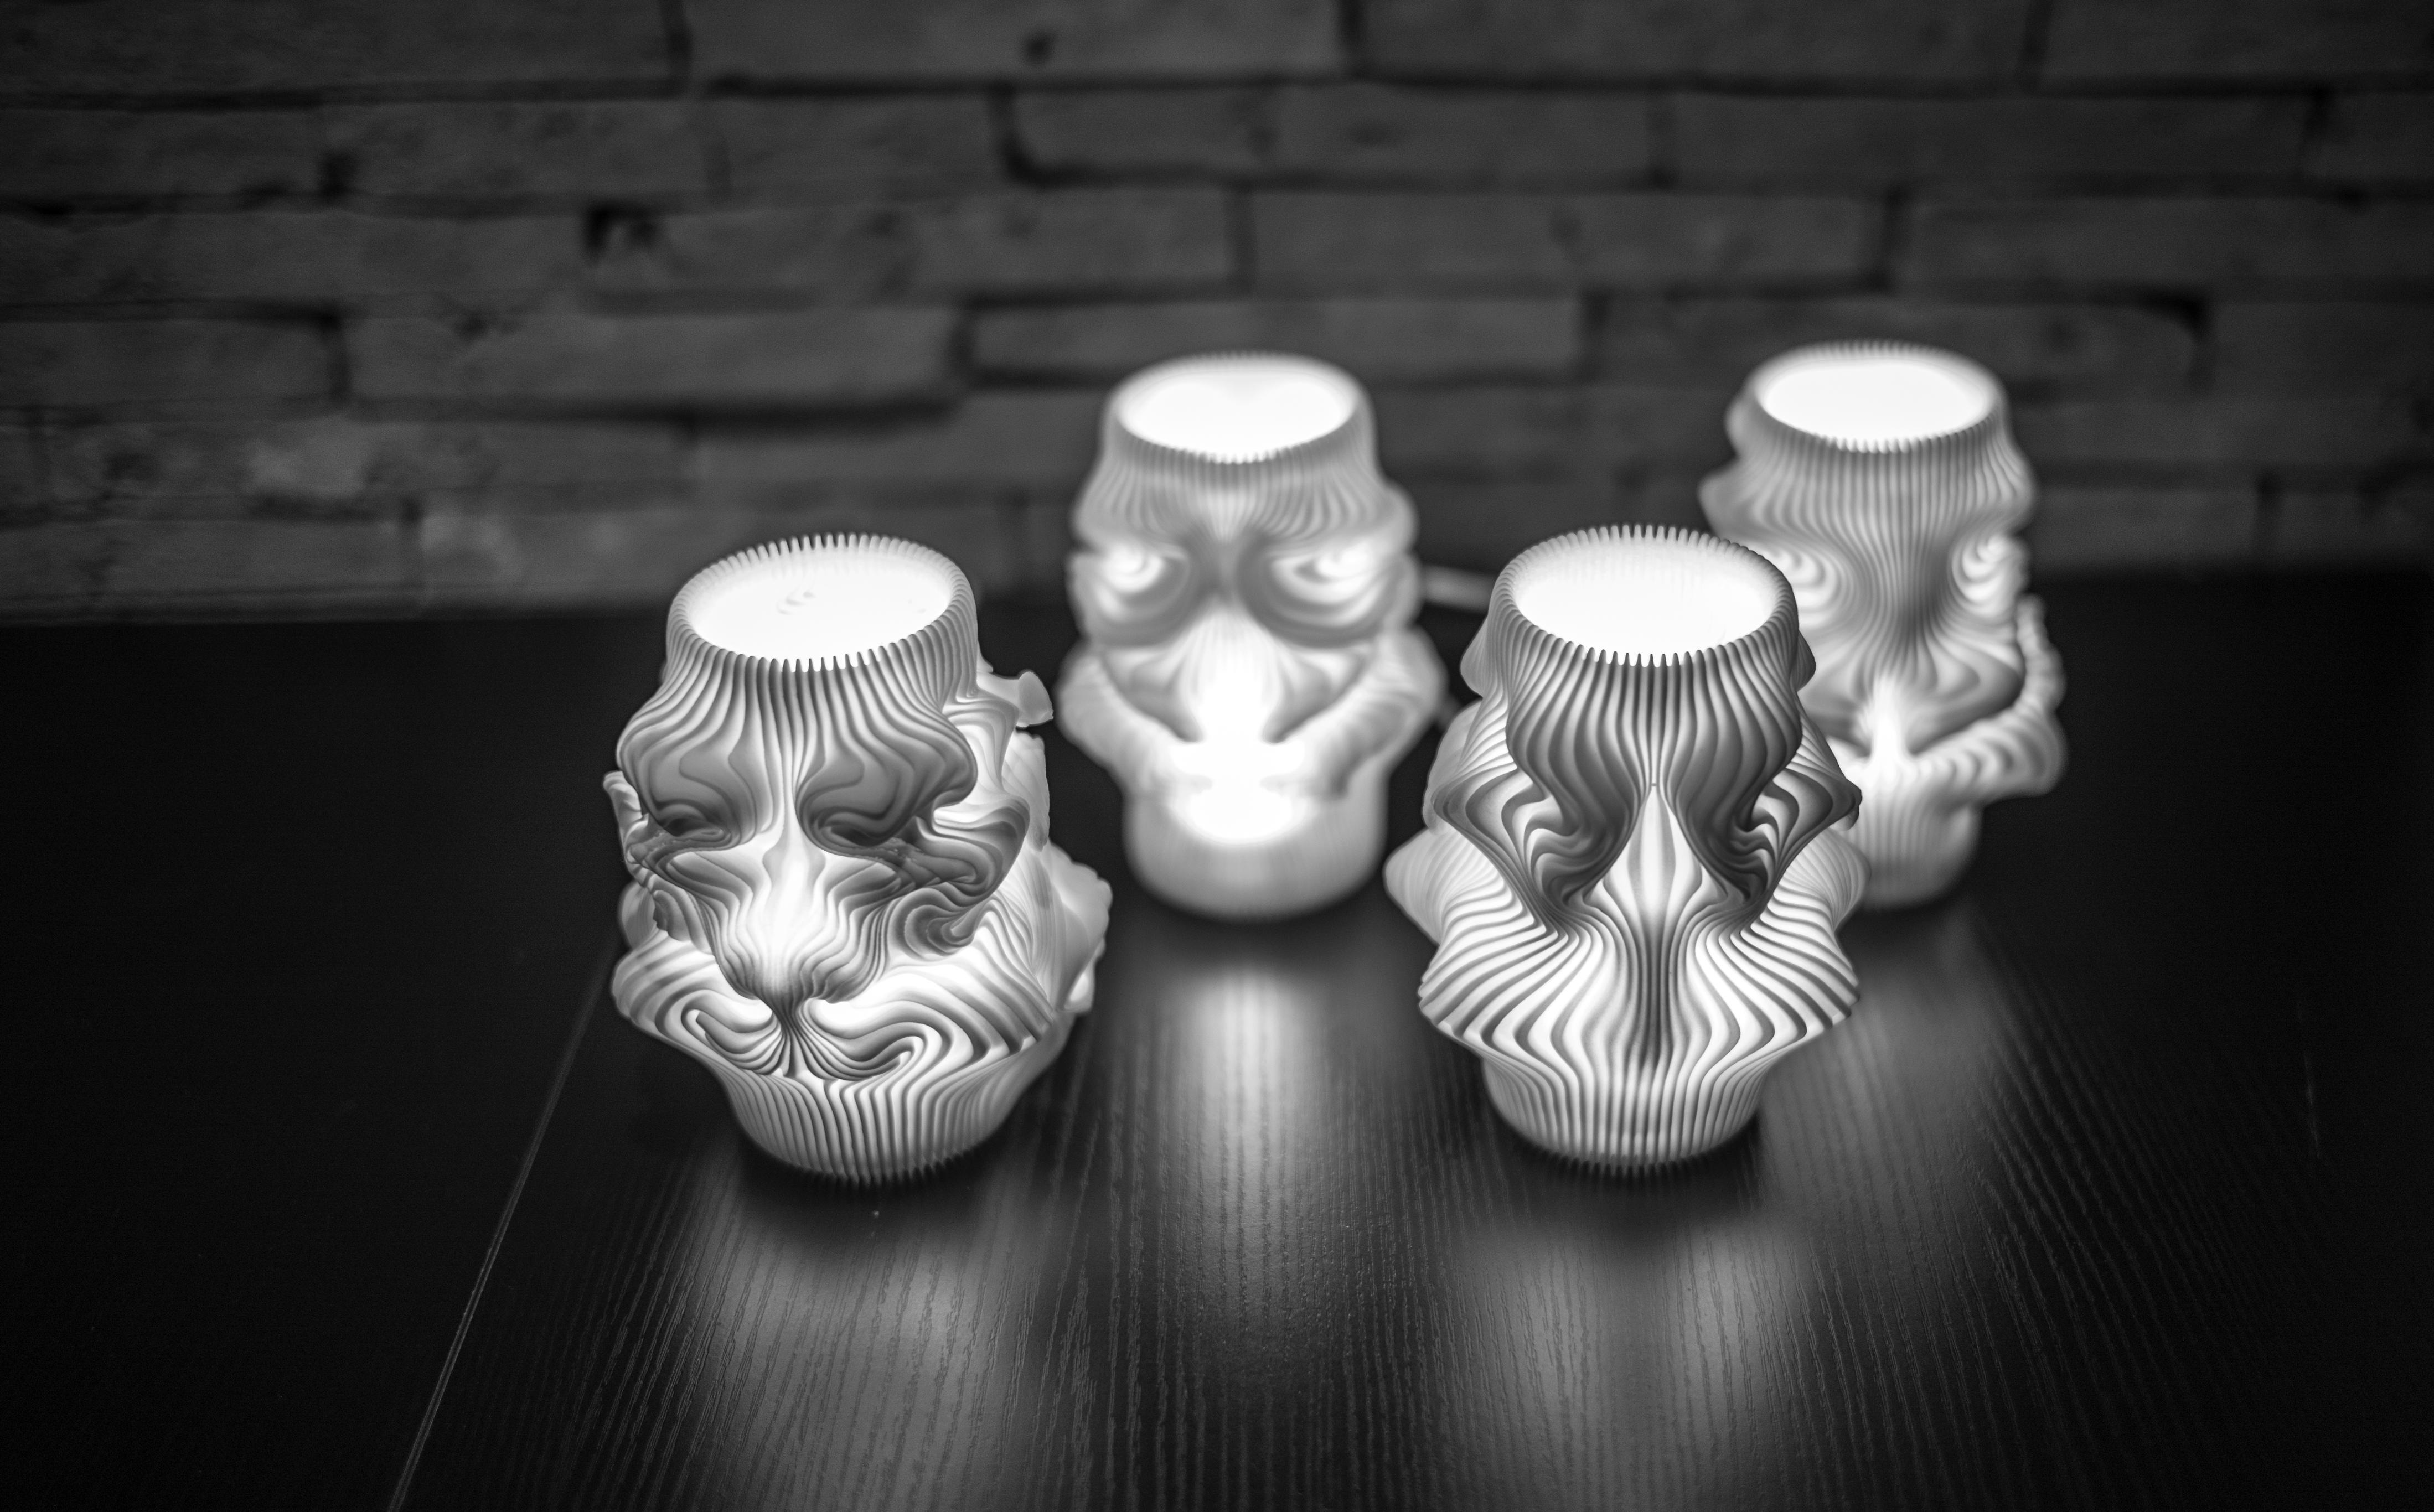 Xuberance 39 s 3d printed lamps 3d printing industry 3d design